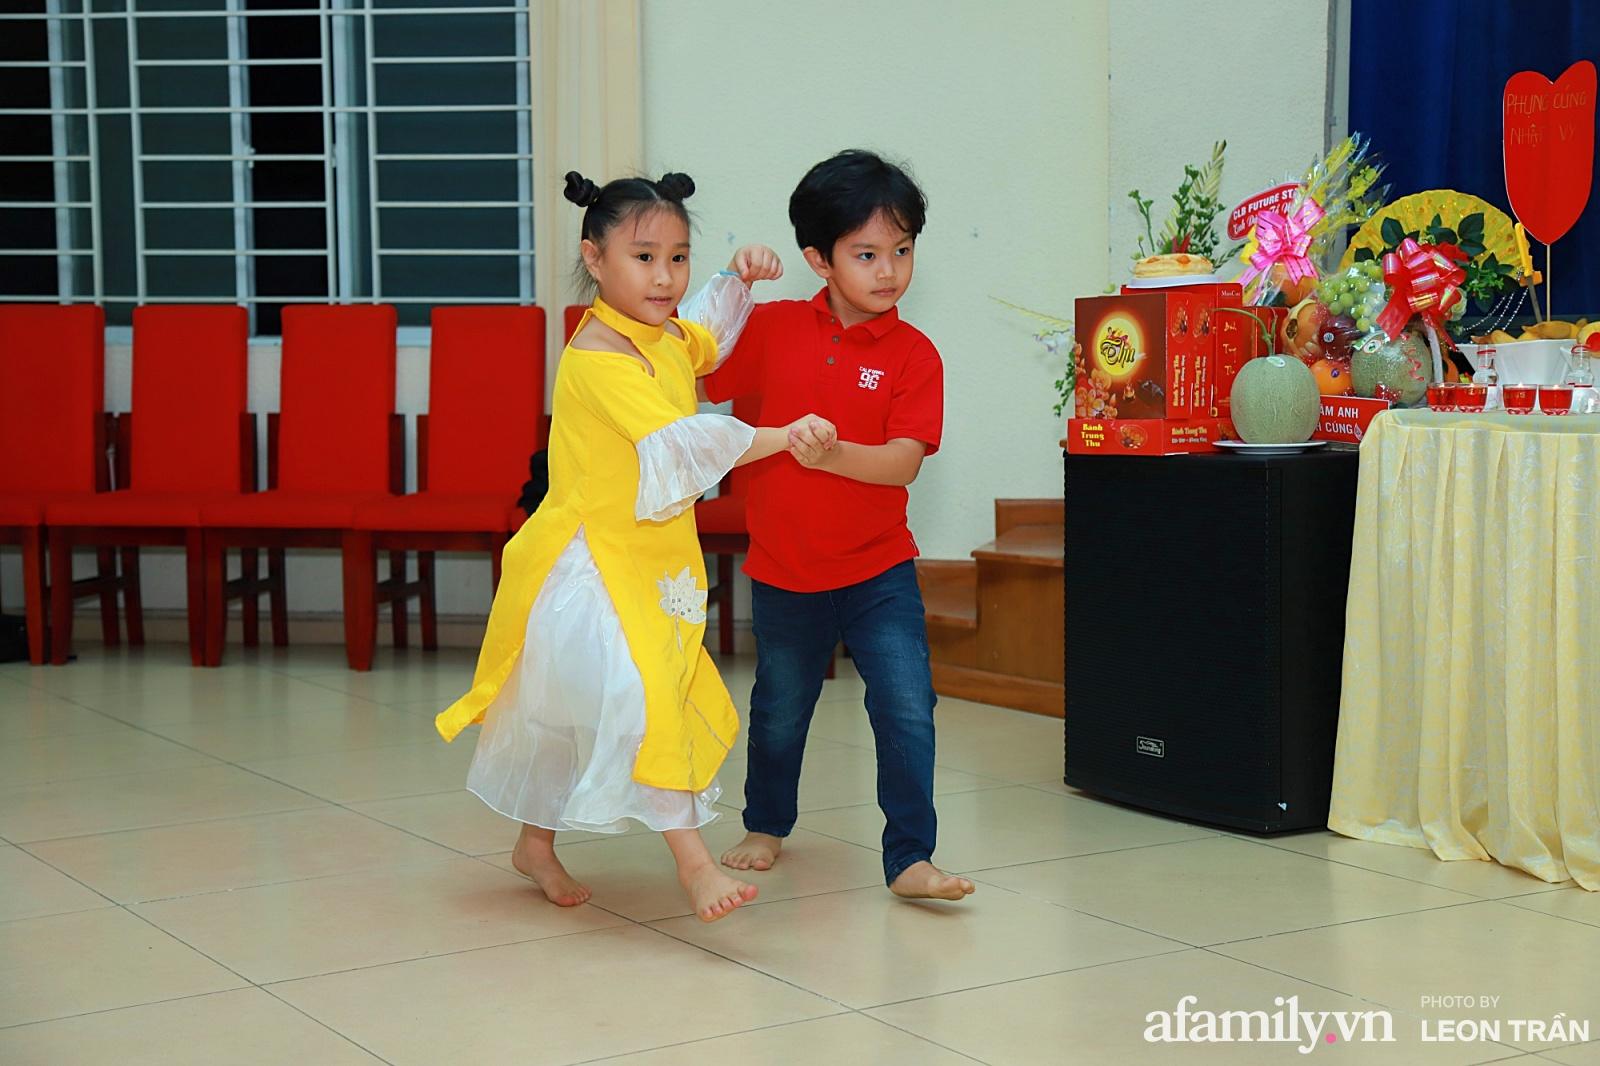 Con trai Kubi vừa hát vừa nhảy rất sung không kém cha mẹ của mình.